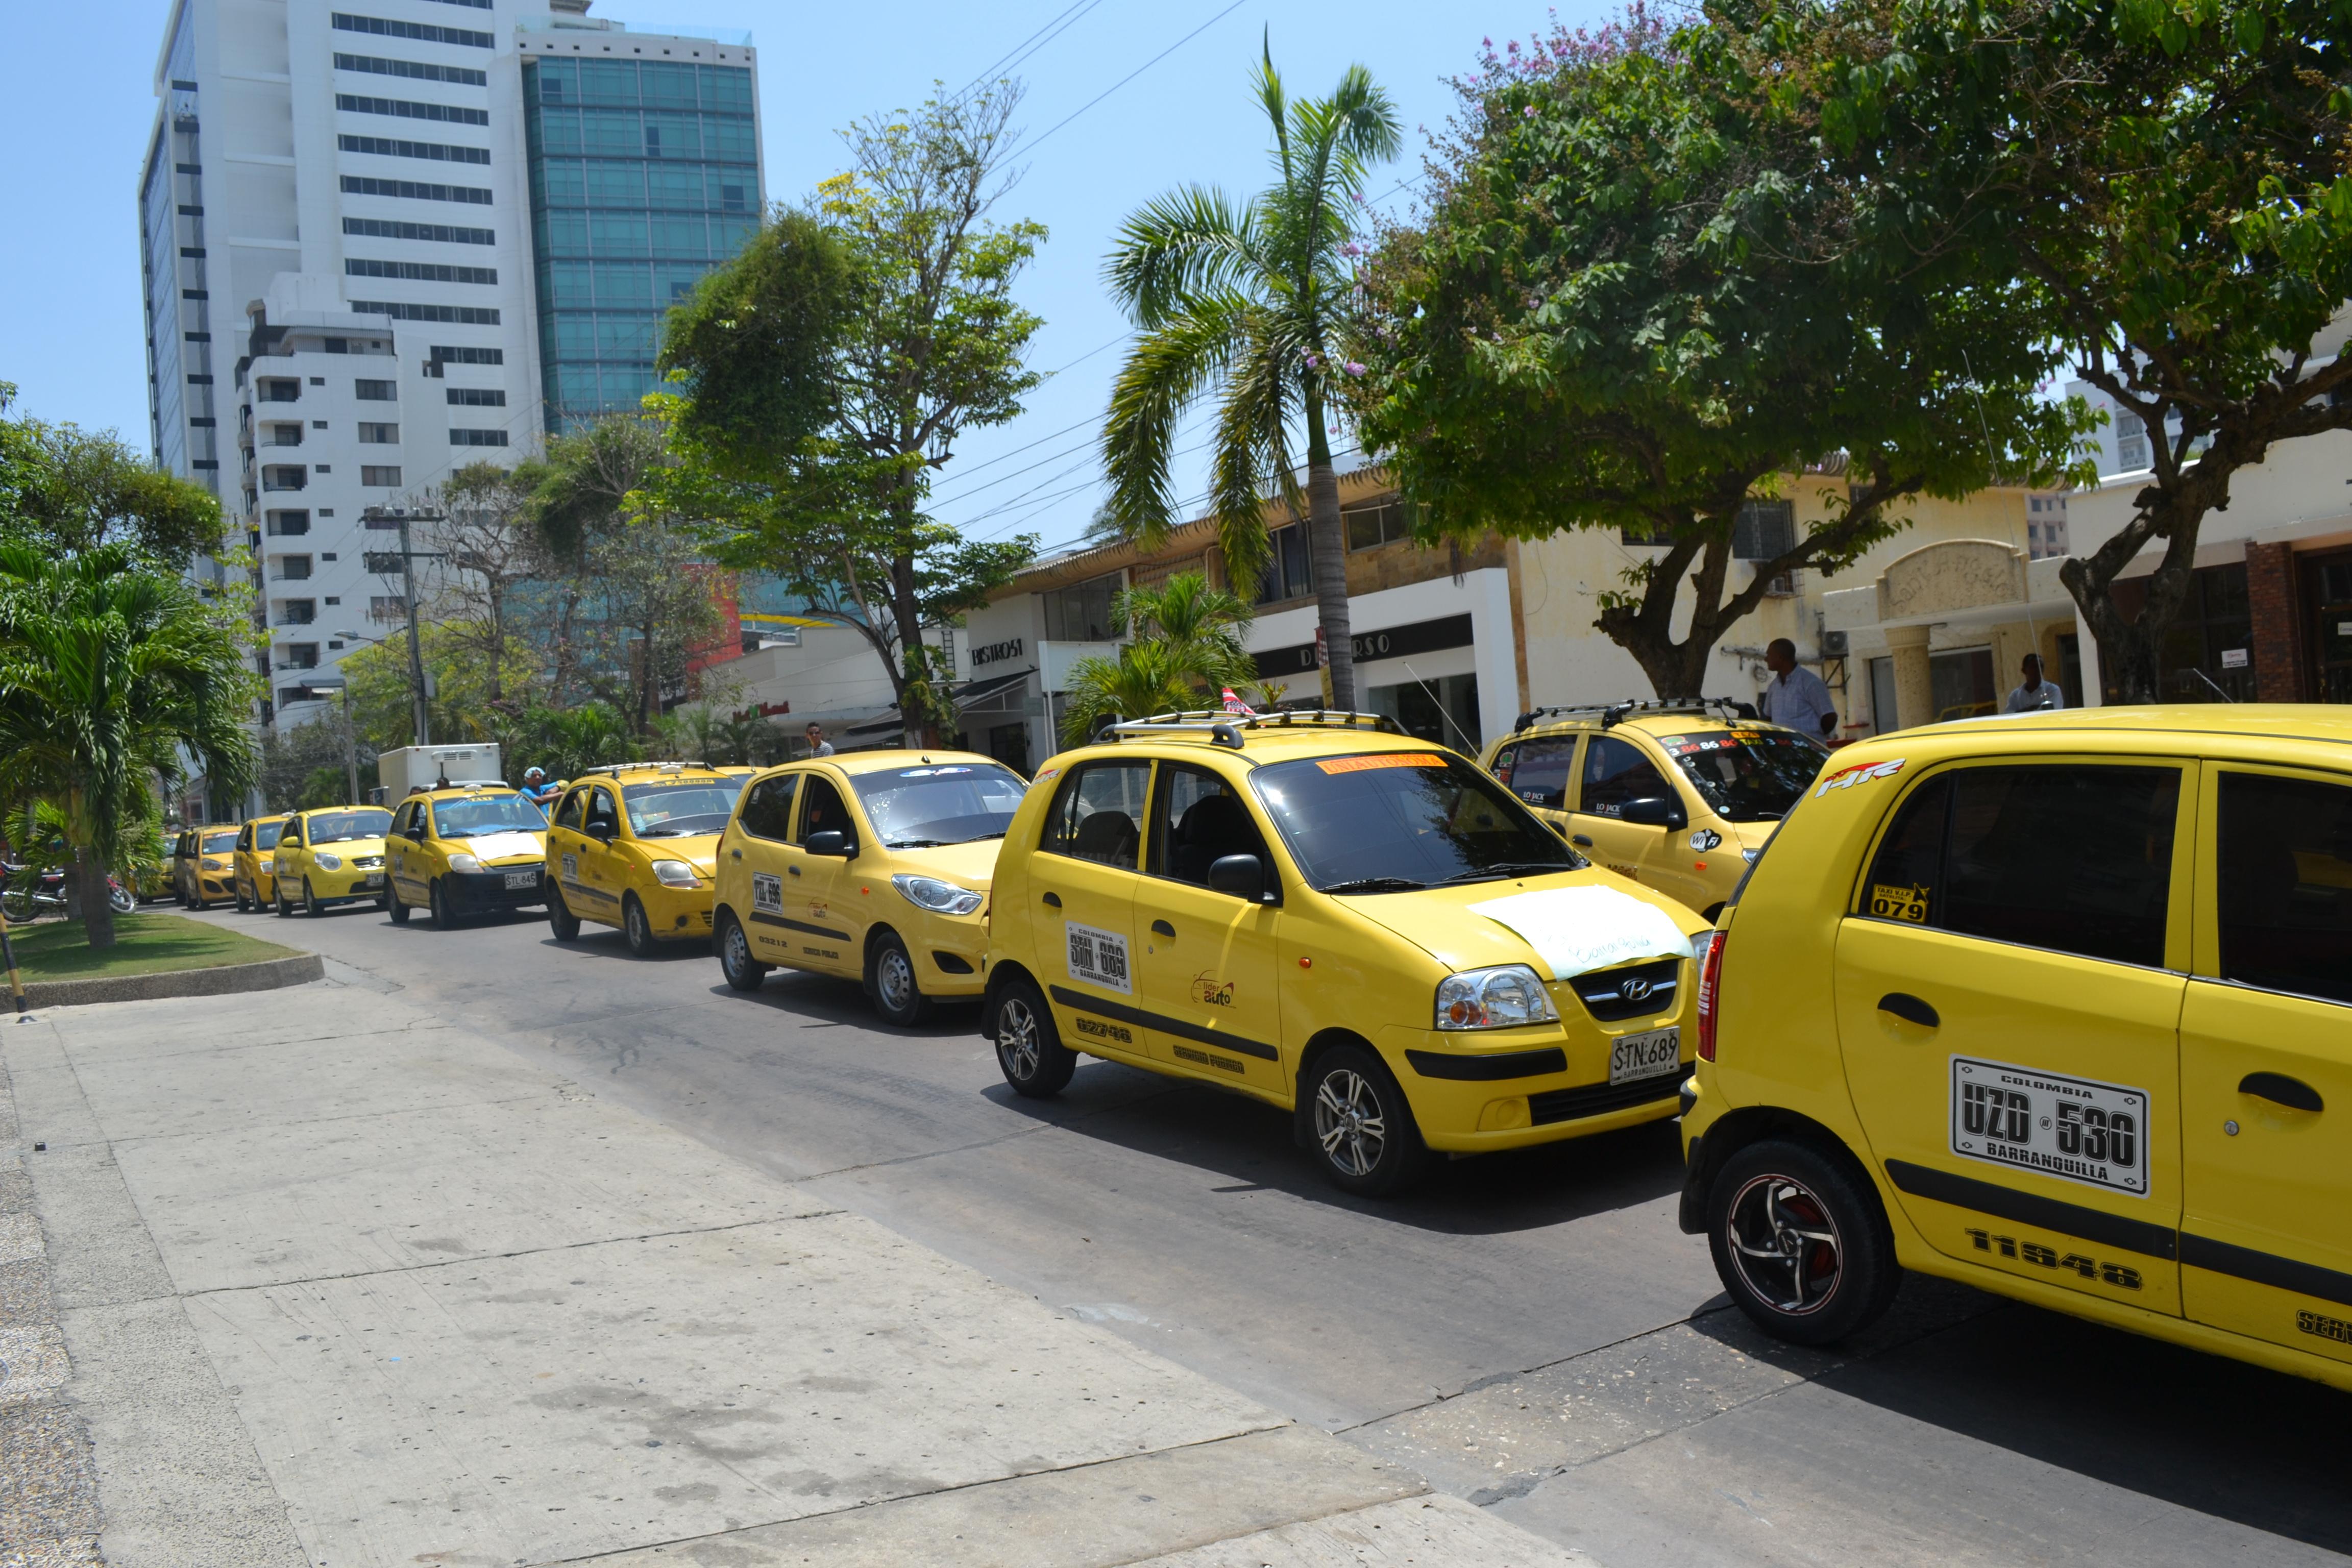 Taxis laboran al 100% de su capacidad en la reactivación barranquillera – @alcaldiabquilla